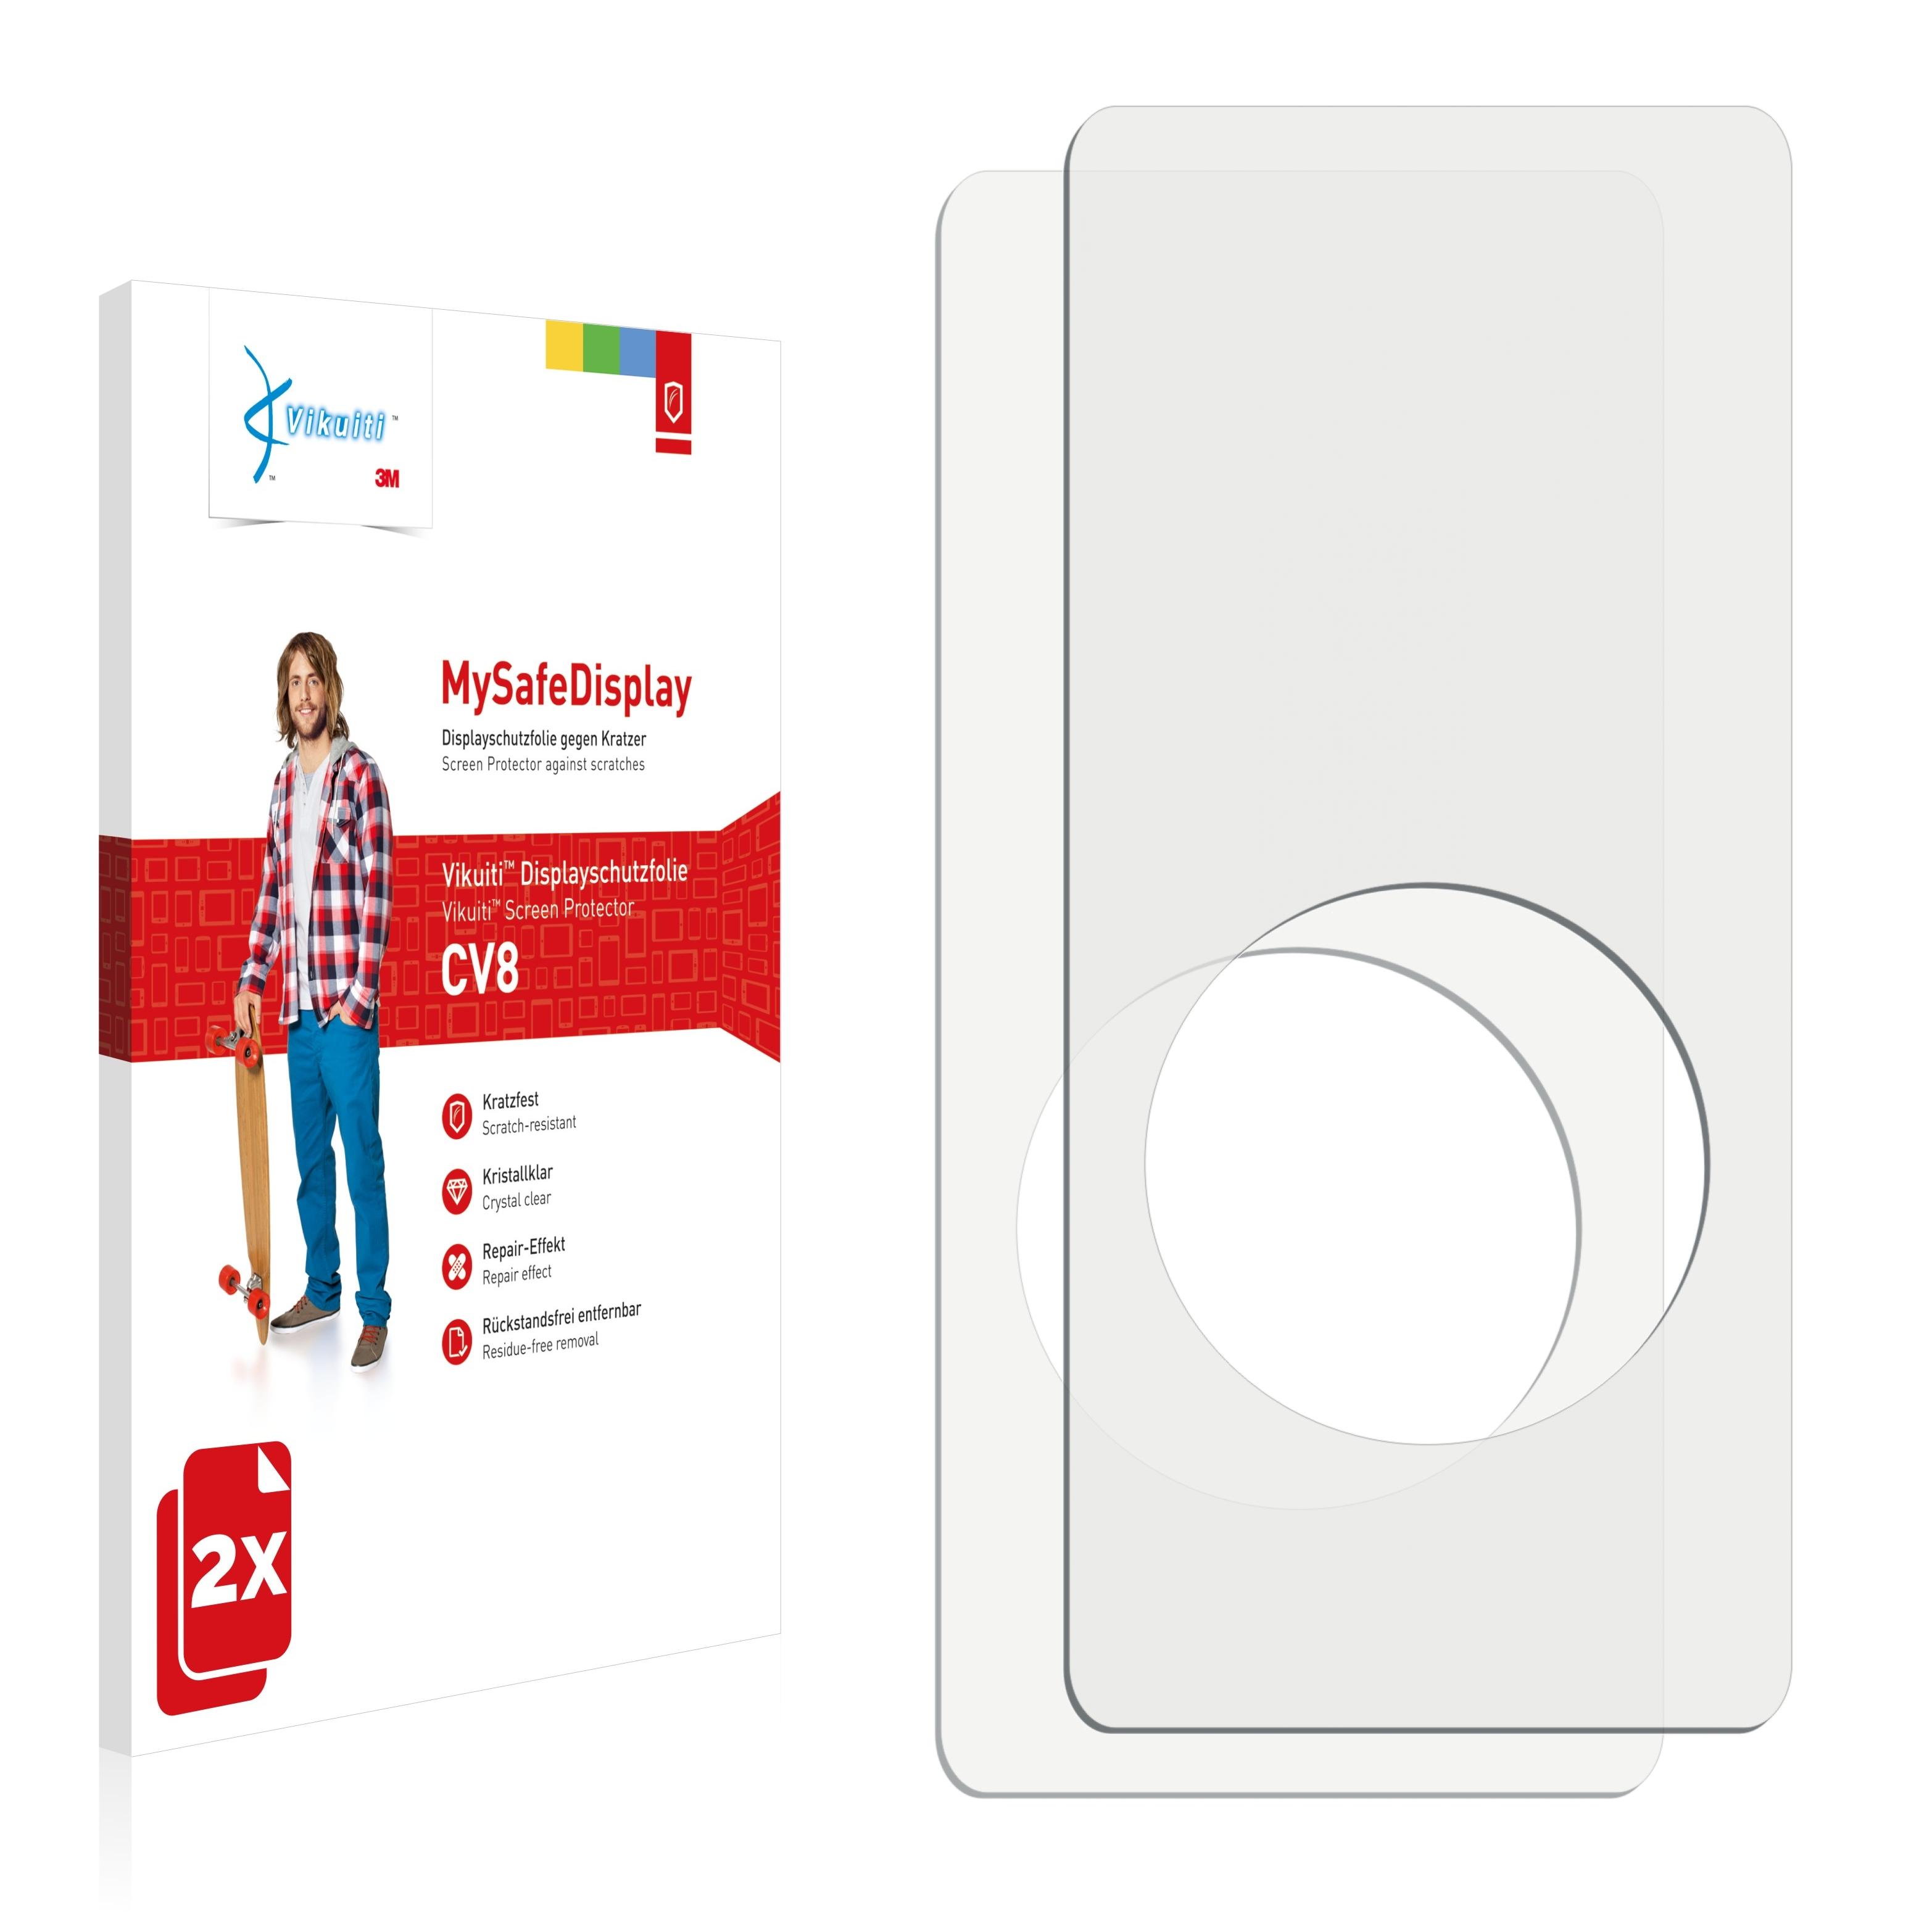 Ochranná fólie CV8 od 3M pro Apple iPod nano 1. Generation für gesamte Přední stranaseite, 2ks